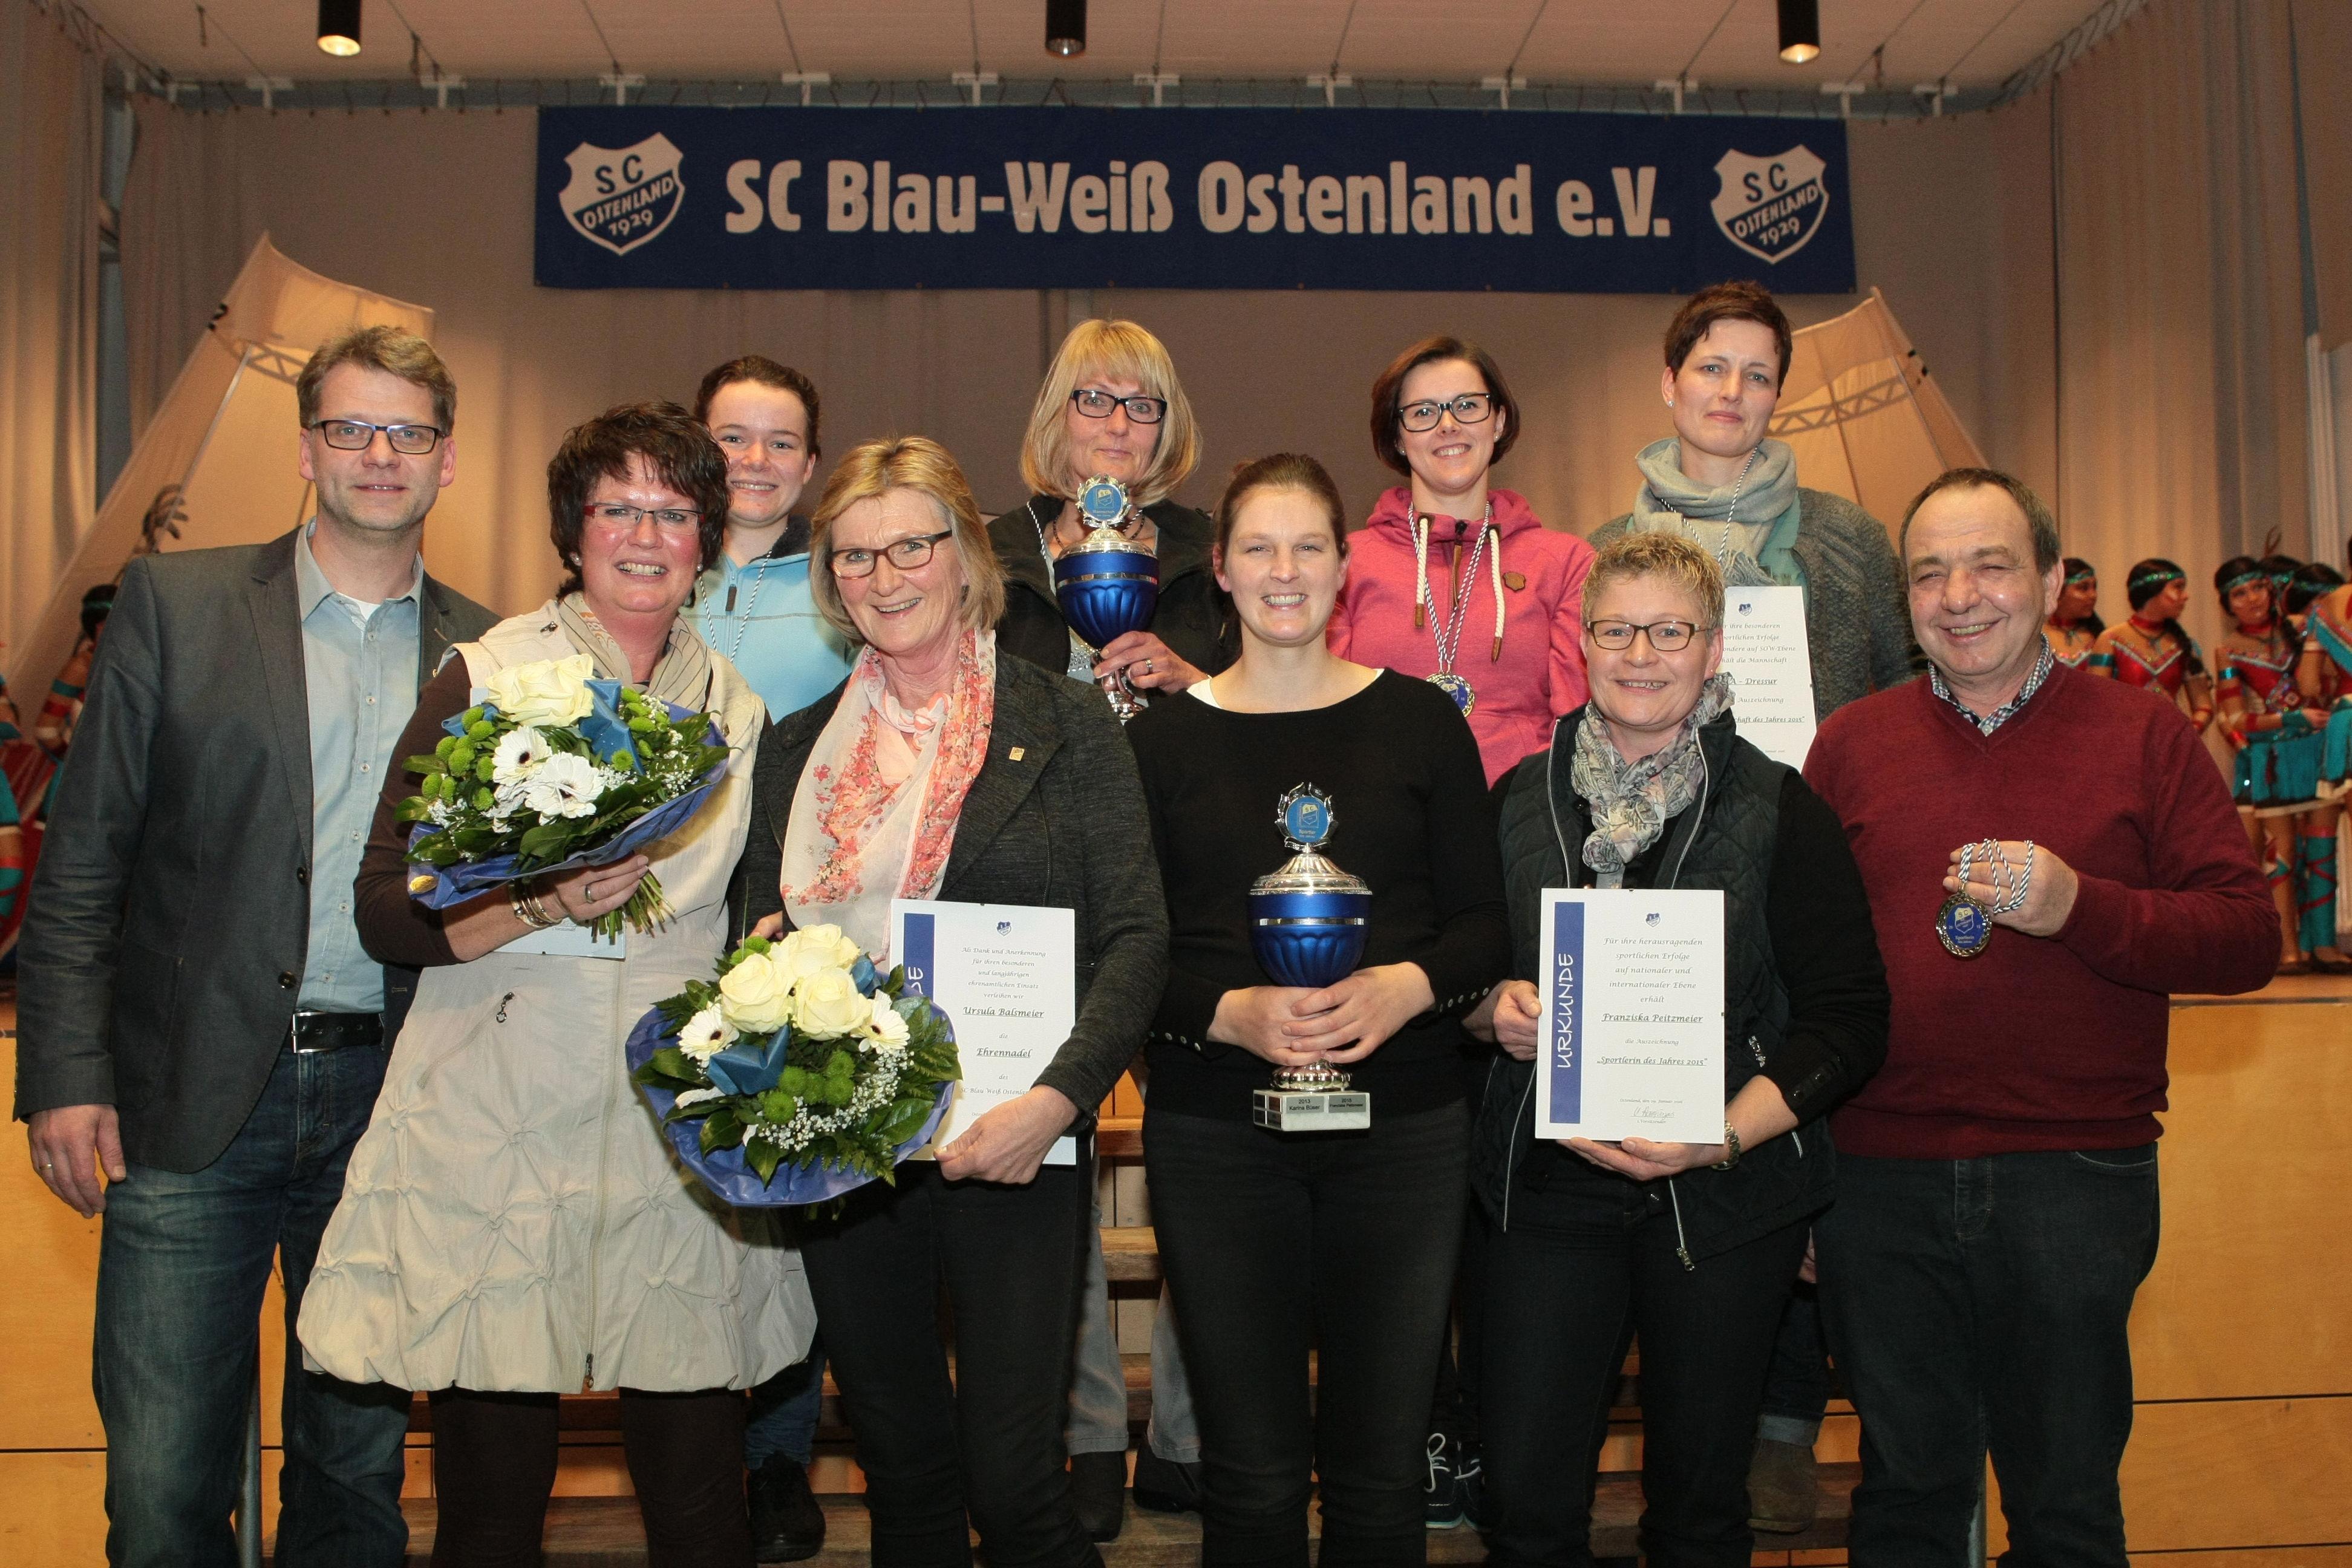 Es gratuliert der erste Vorsitzende des SC Blau-Weiß Ostenland Udo Hansjürgens (links) zur   Ehrennadel Heike Schrör und U